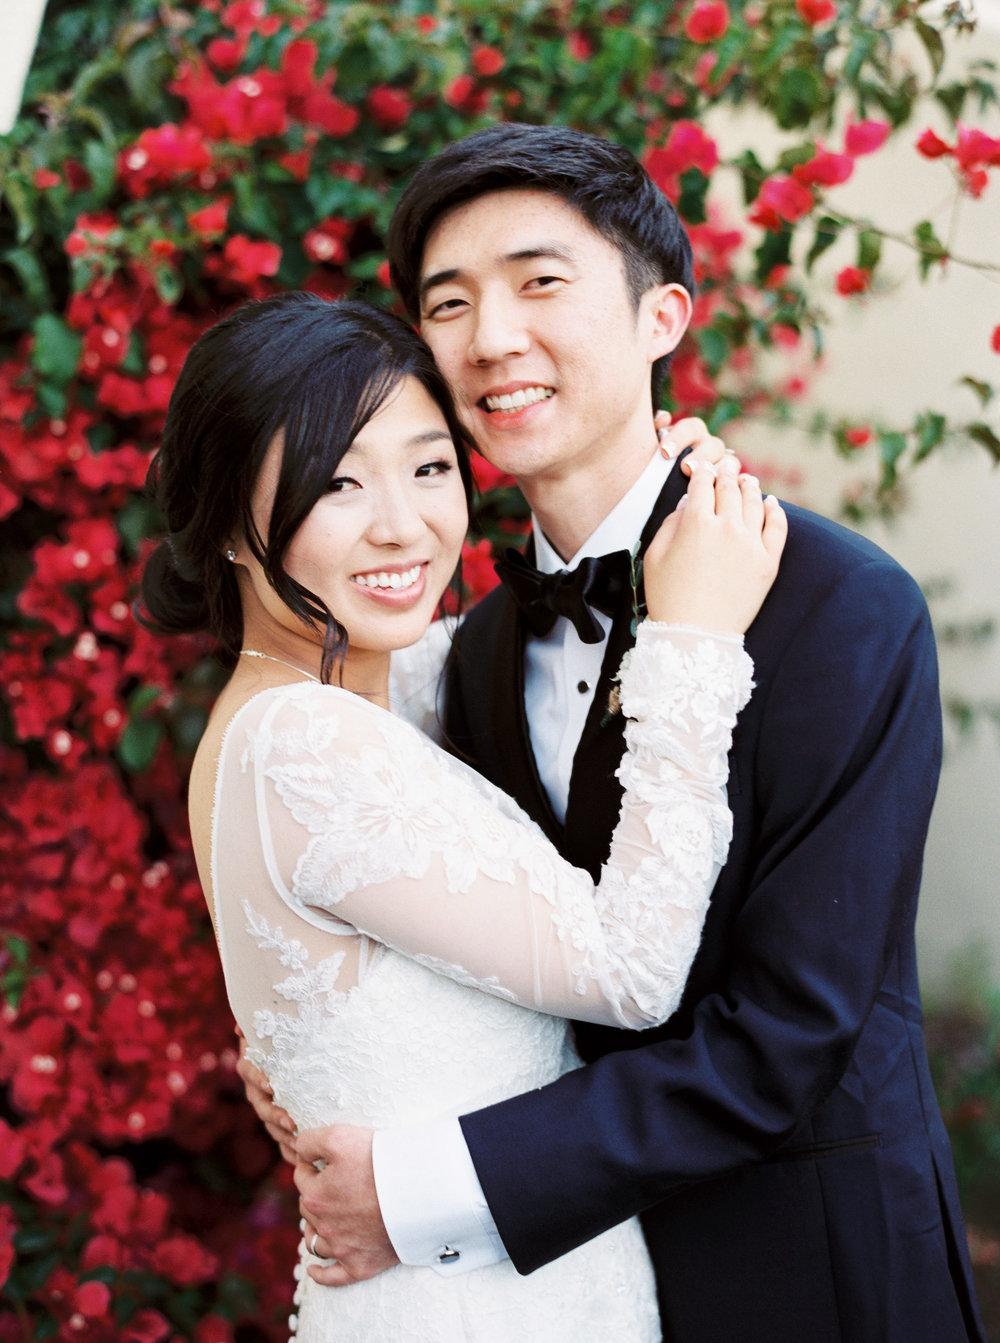 carmel-wedding-at-wedgewood-carmel-california-54.jpg